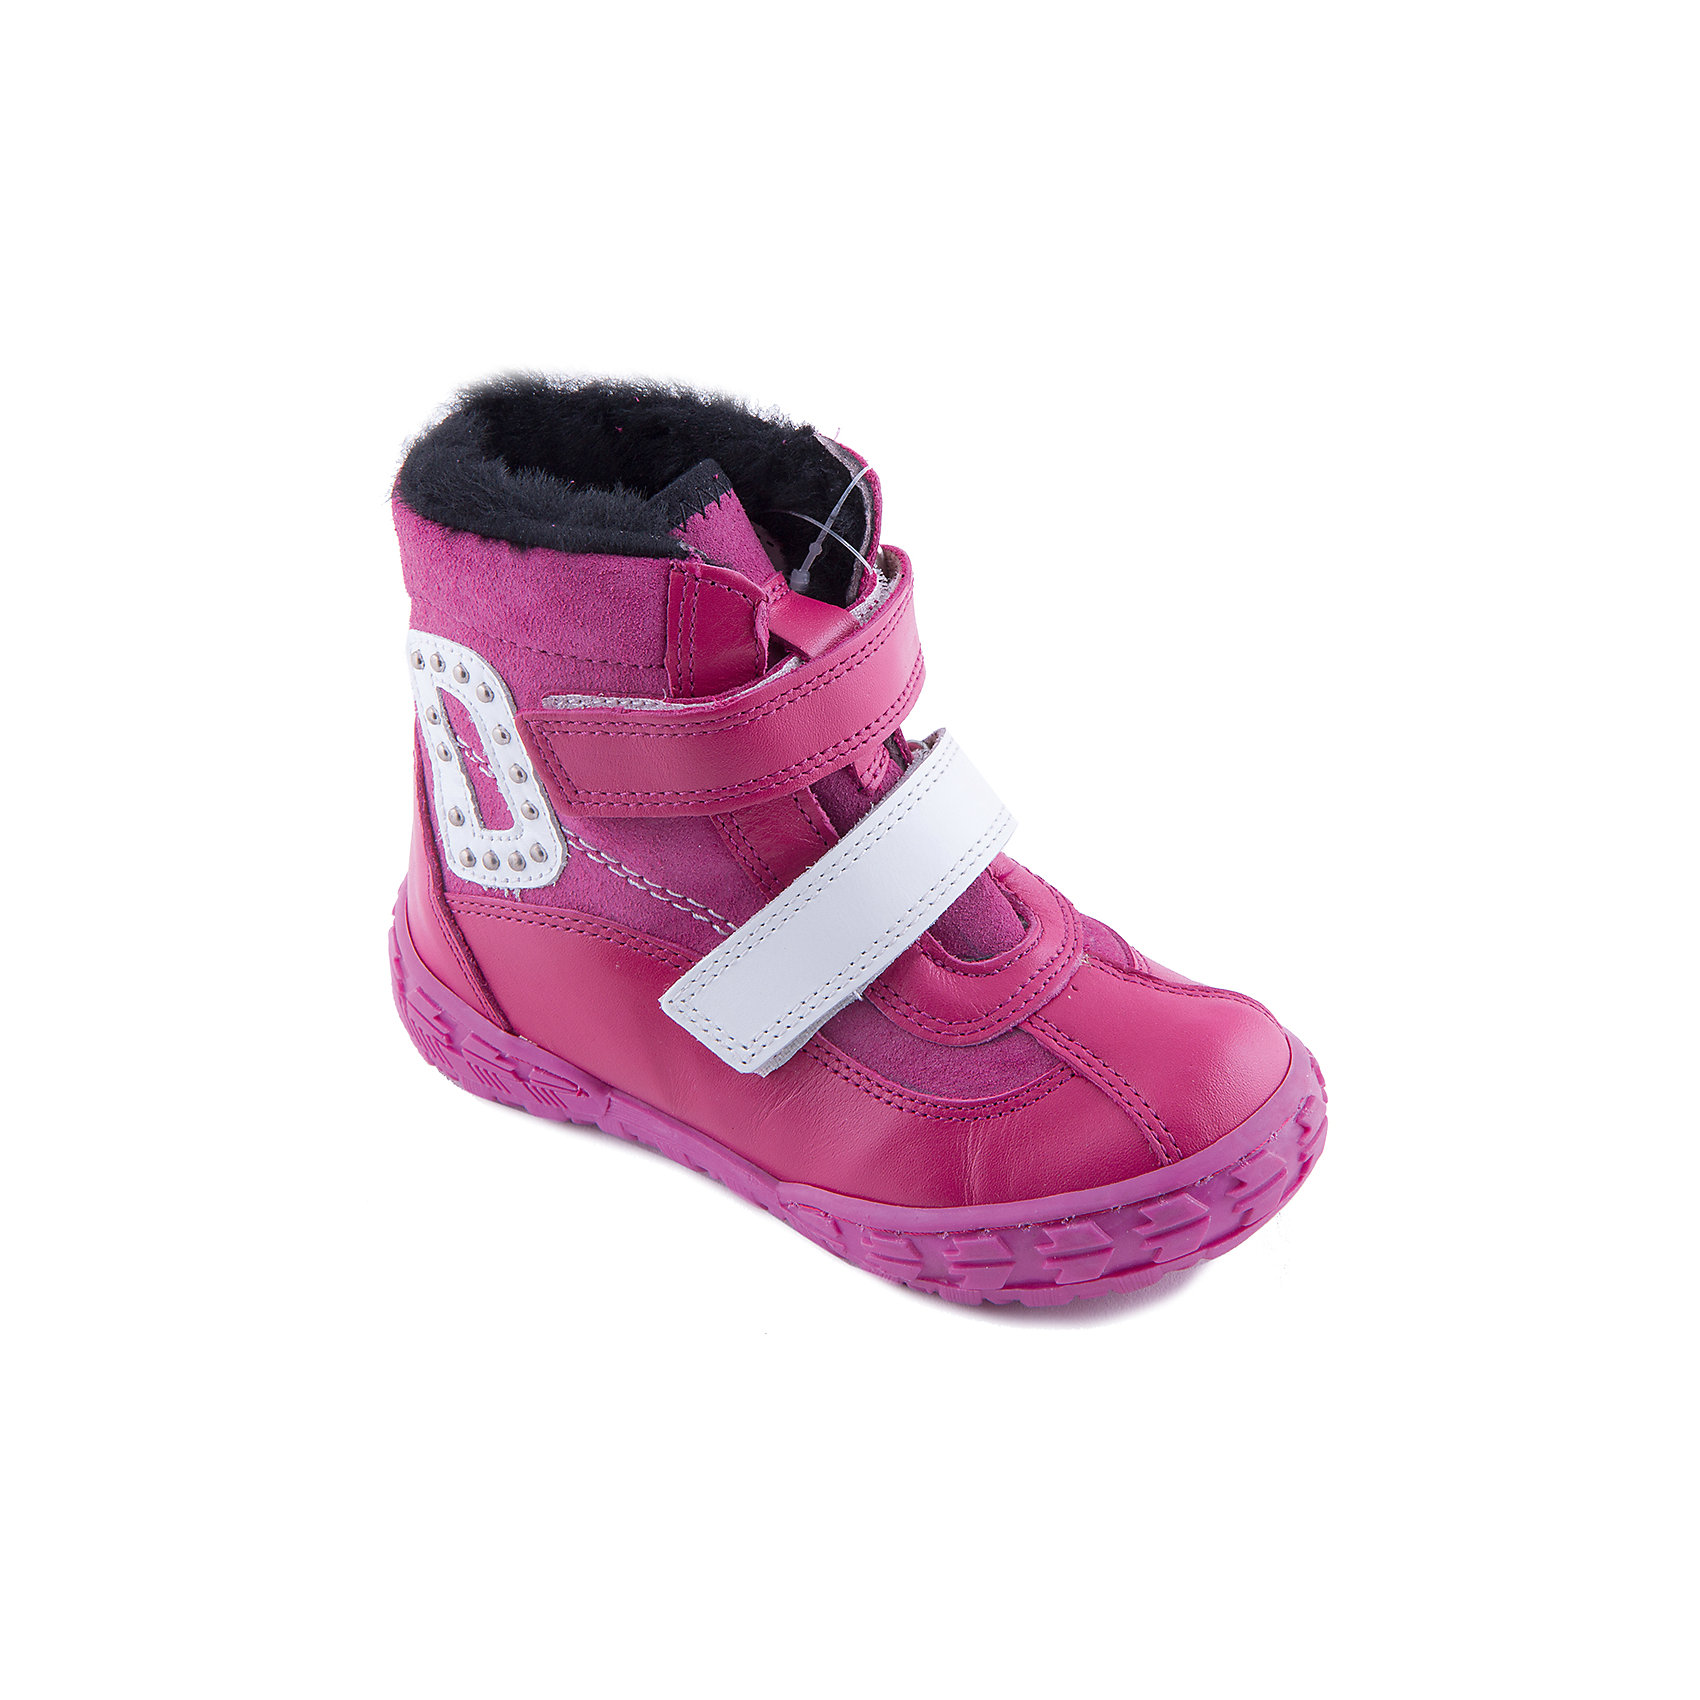 Ботинки для девочки DandinoБотинки<br>Ботинки для девочки Dandino - прекрасный вариант для холодной погоды. Модель изготовлена из натуральной кожи, меховая подкладка обеспечивает тепло и комфорт во время носки. Ботинки застегиваются на липучку украшены замшевой аппликацией с металлическими декорами. <br><br>Дополнительная информация:<br><br>- Сезон: зима.<br>- Температурный режим: от -5? до - 20?.<br>- Тип застежки: липучка <br>- Декоративные элементы: аппликация. <br>- Рифленая подошва.<br>Параметры для размера 26<br>- Толщина подошвы: 1, 5 см.<br>- Высота каблука: 2,5 см.<br>Состав: <br>верх-натуральная кожа 100%, подкладка -  мех 100%, подошва-ТЭП.<br><br>Ботинки для девочки Dandino (Дандино) можно купить в нашем магазине.<br><br>Ширина мм: 257<br>Глубина мм: 180<br>Высота мм: 130<br>Вес г: 420<br>Цвет: розовый<br>Возраст от месяцев: 48<br>Возраст до месяцев: 60<br>Пол: Женский<br>Возраст: Детский<br>Размер: 27,29,26,30,28<br>SKU: 4232989